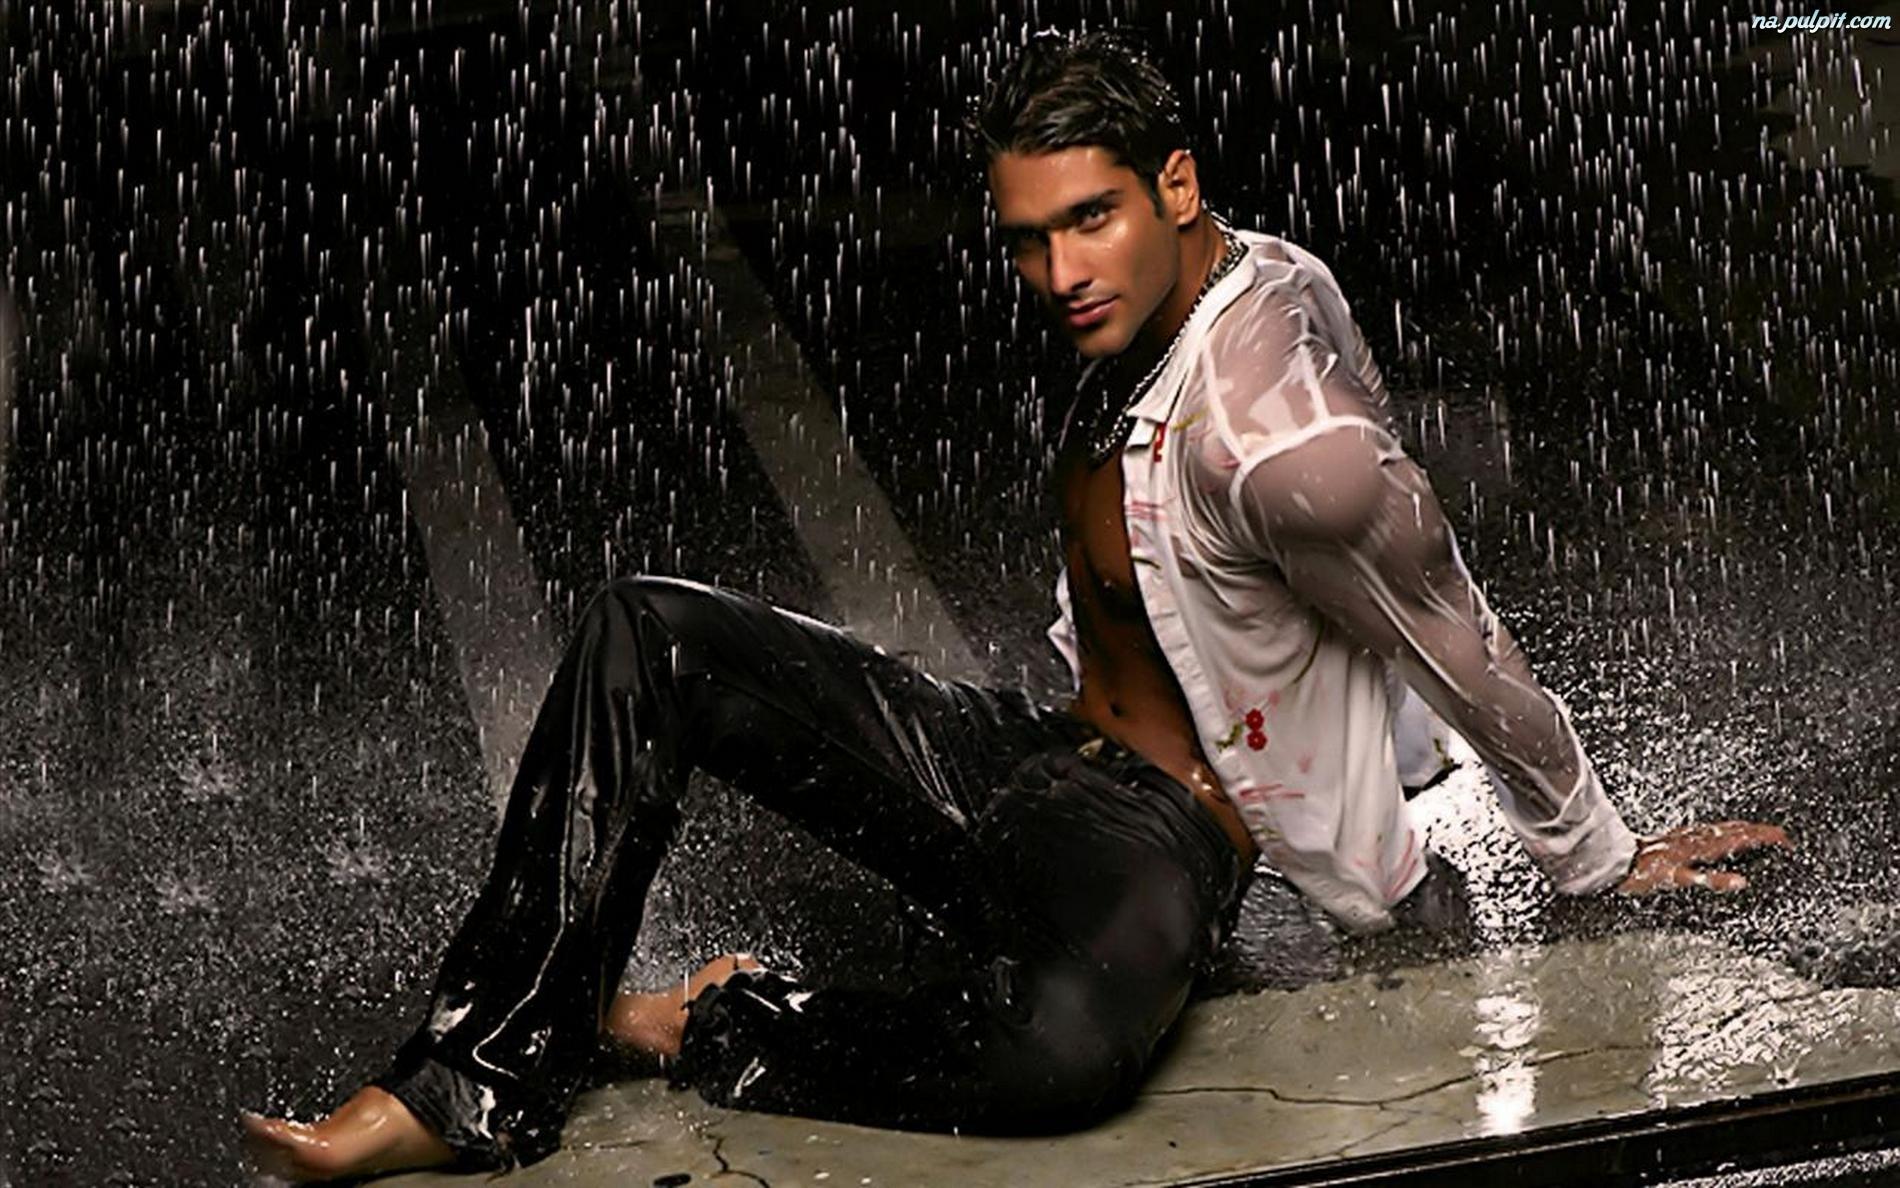 Deszczu, Mężczyzna, Seksowny, Strugi